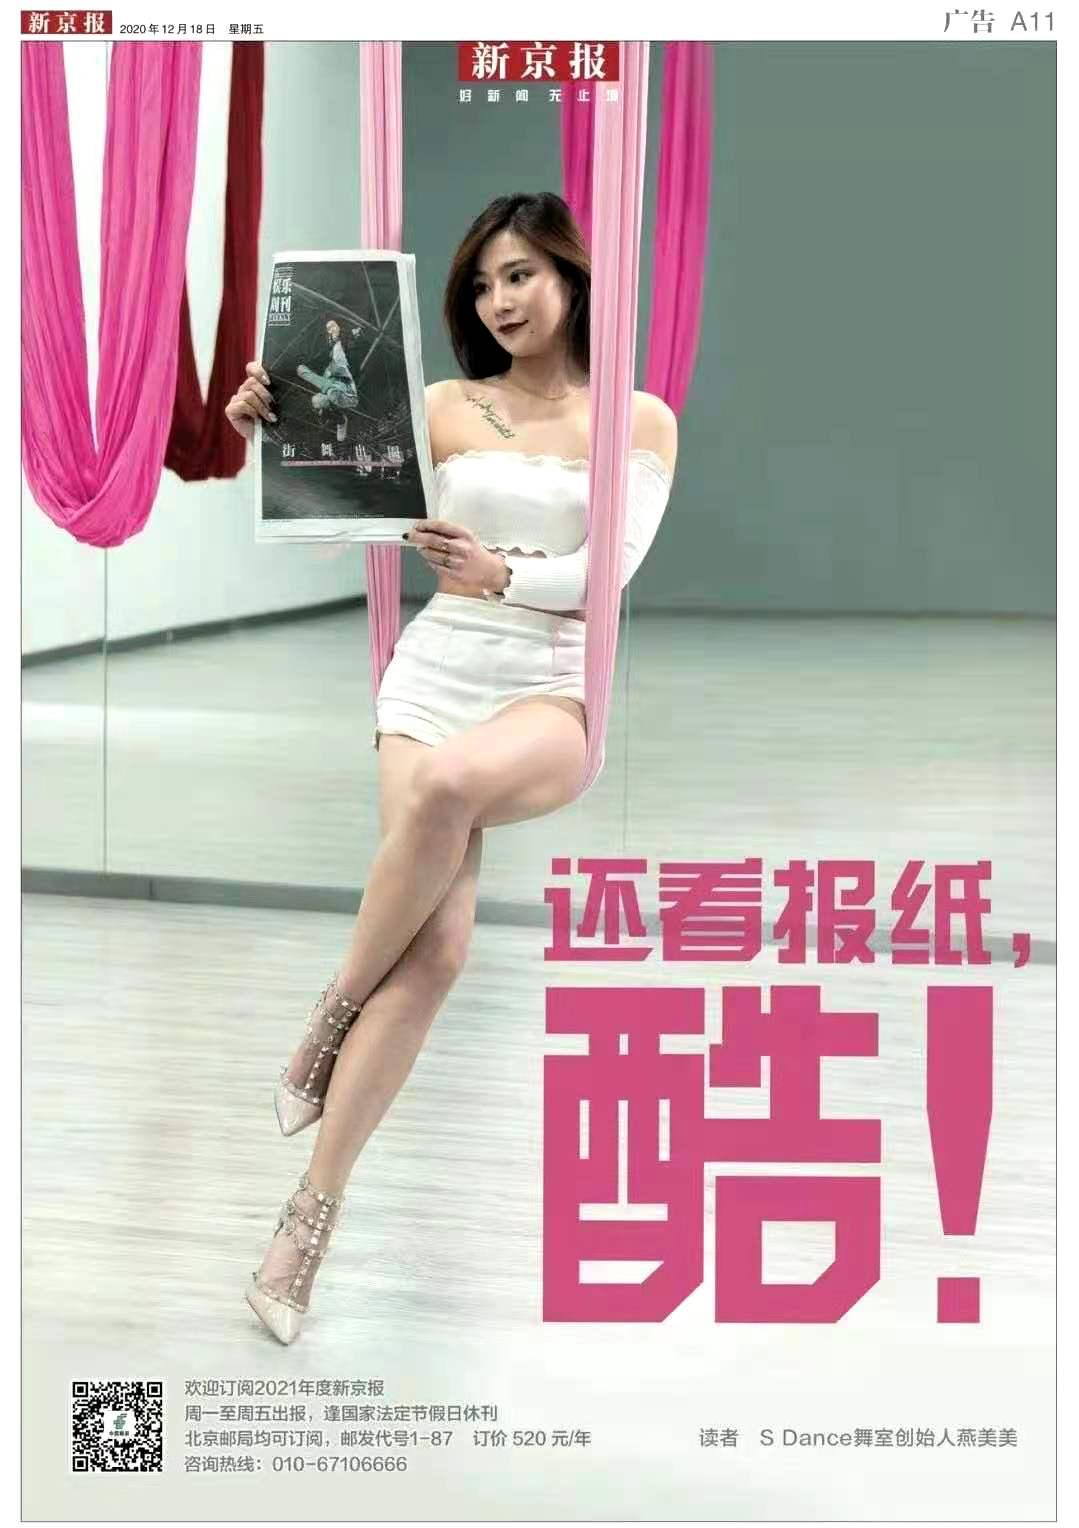 《新京报》征订广告